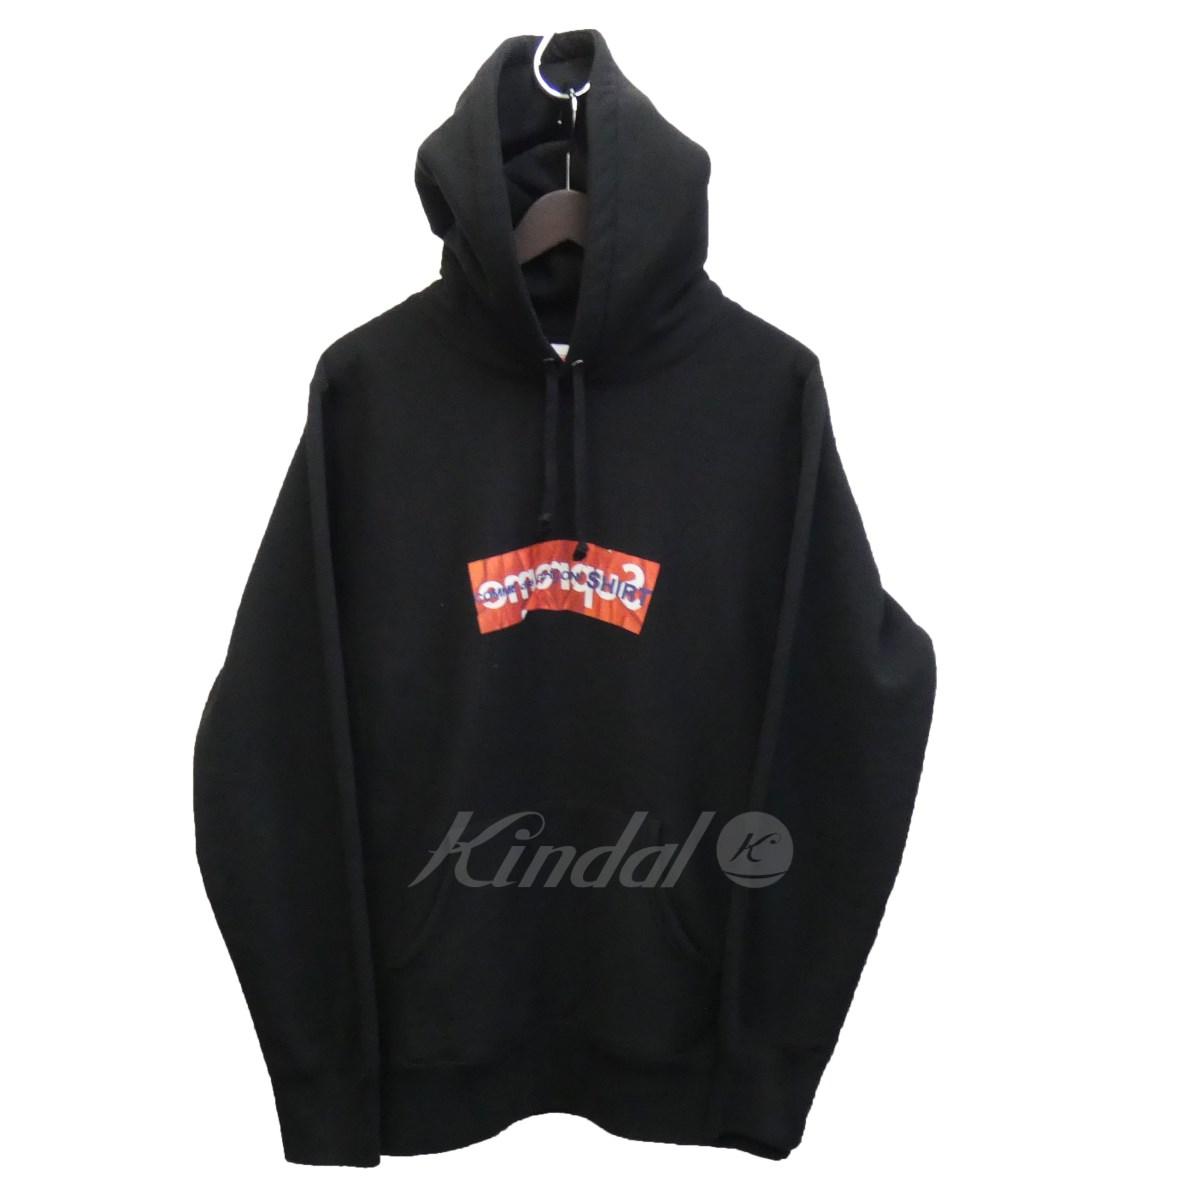 【5月20日 お値段見直しました】【中古】SUPREME×CdG SHIRT17SS「Box Logo Hooded Sweatshirt」boxロゴパーカー ブラック サイズ:M